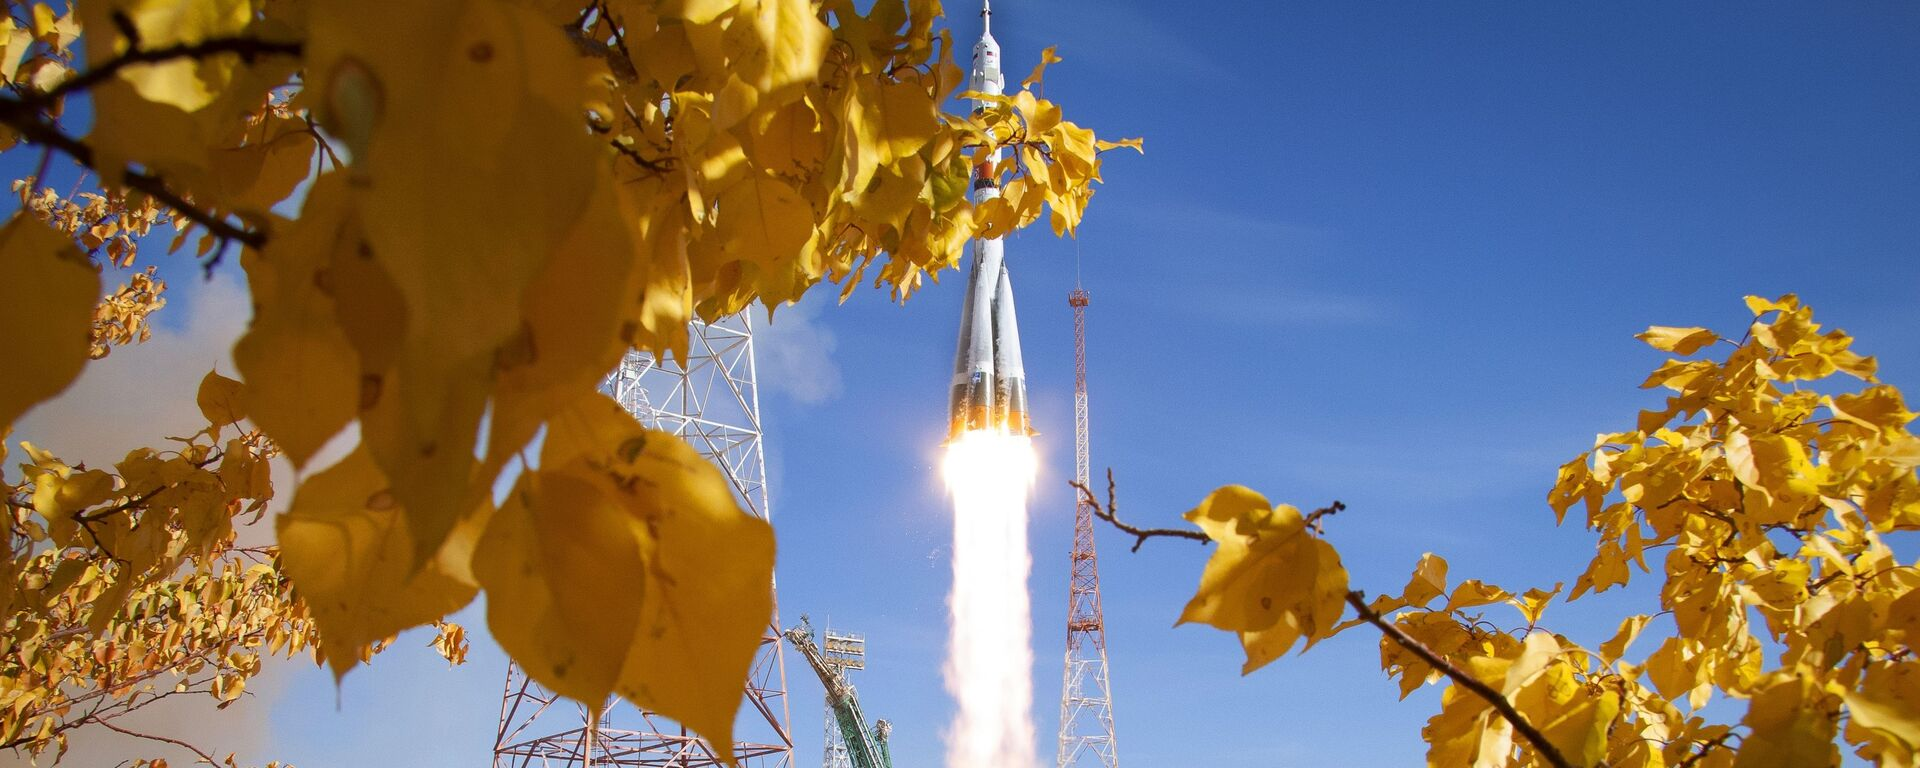 El lanzamiento del Soyuz 2.1a con el Soyuz MS-17 desde el Cosmódromo de Baikonur, el 14 de octubre de 2020 - Sputnik Mundo, 1920, 17.04.2021